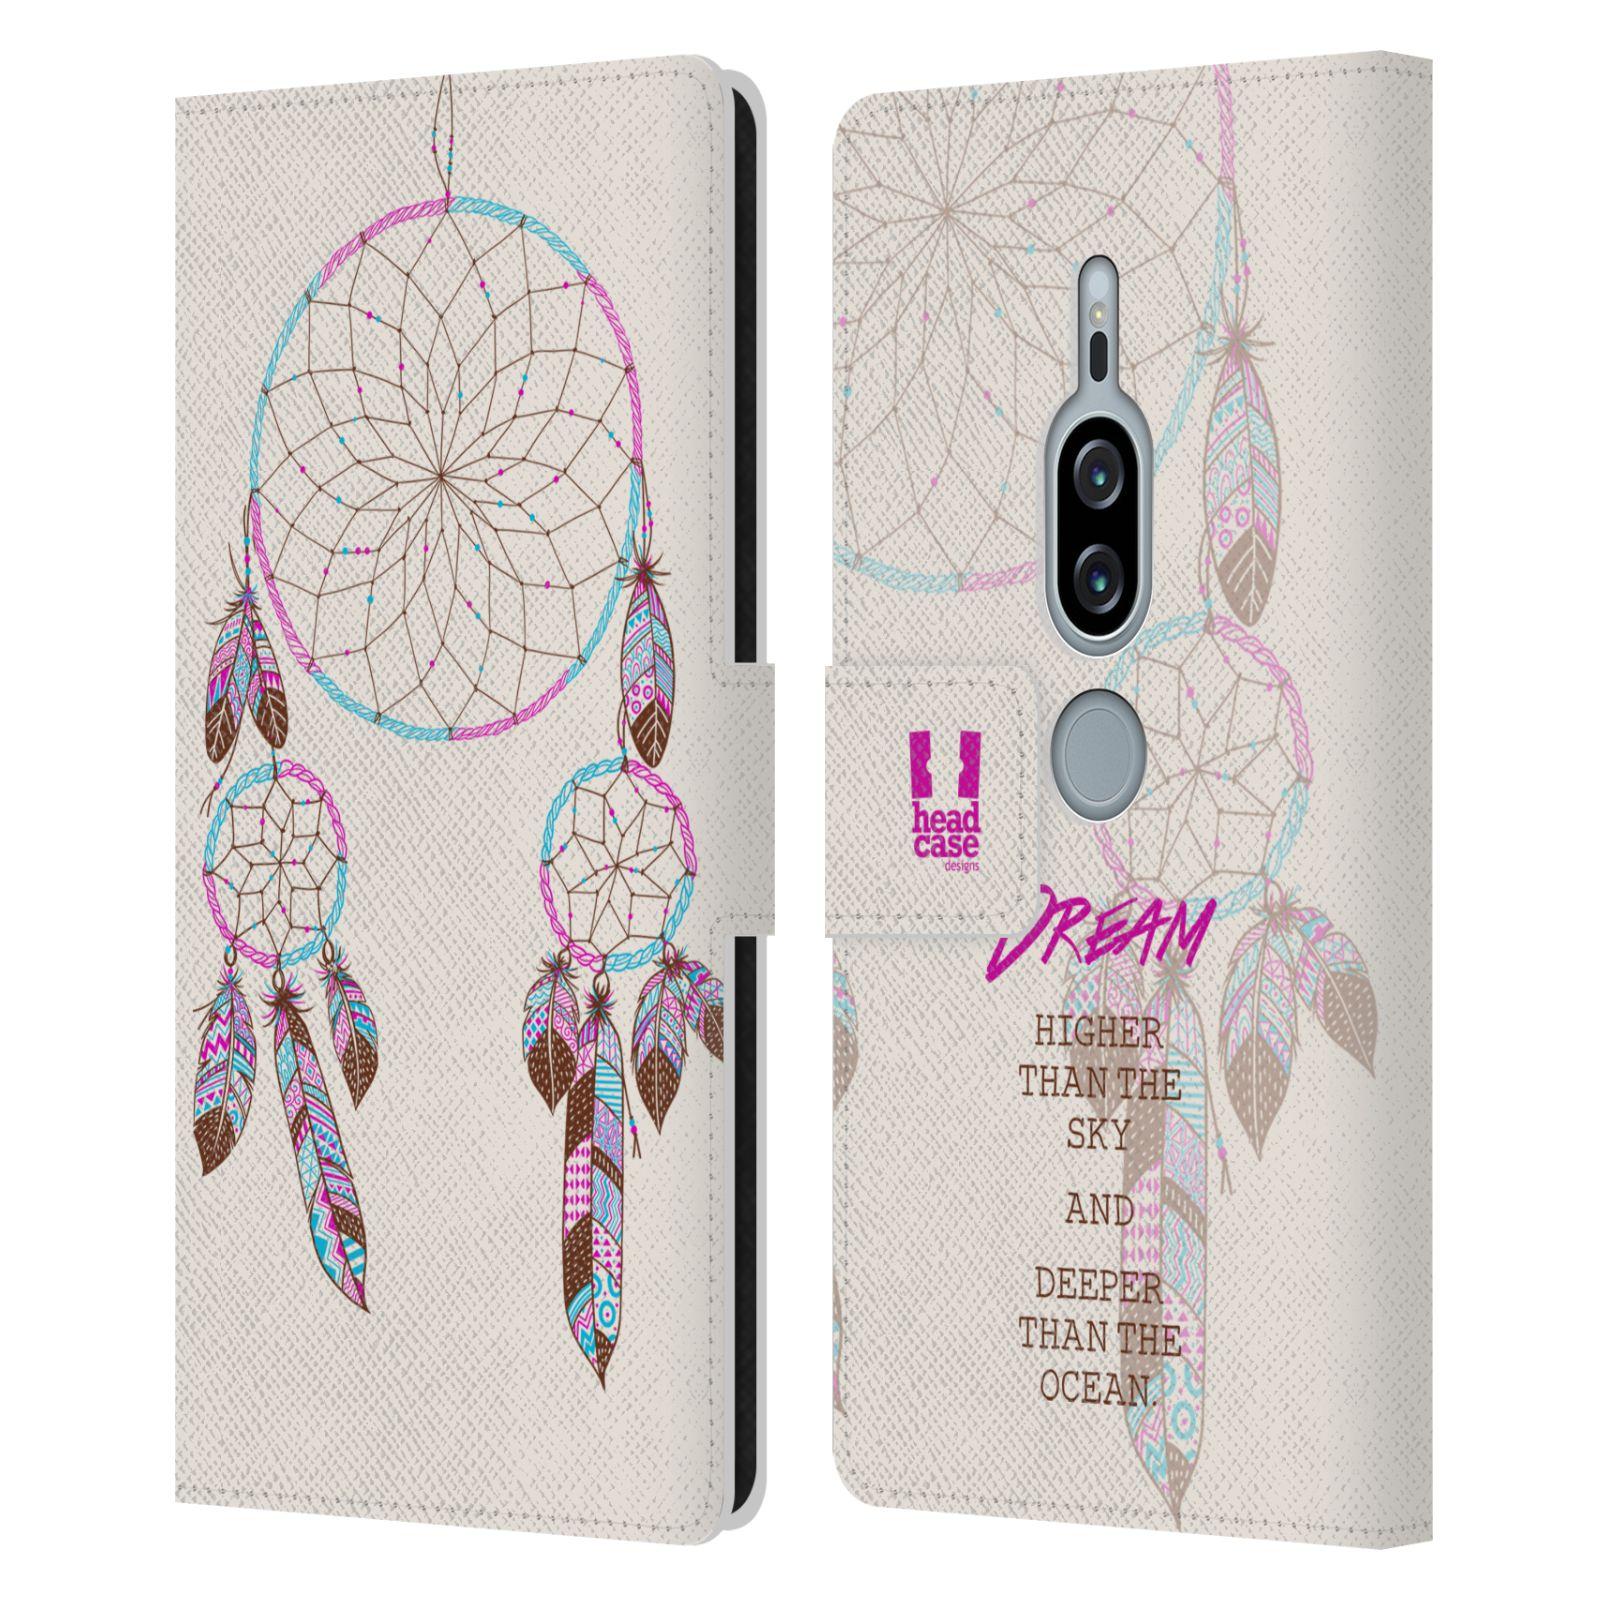 Pouzdro na mobil Sony Xperia XZ2 Premium - Head Case - Lapač snů fialová dream